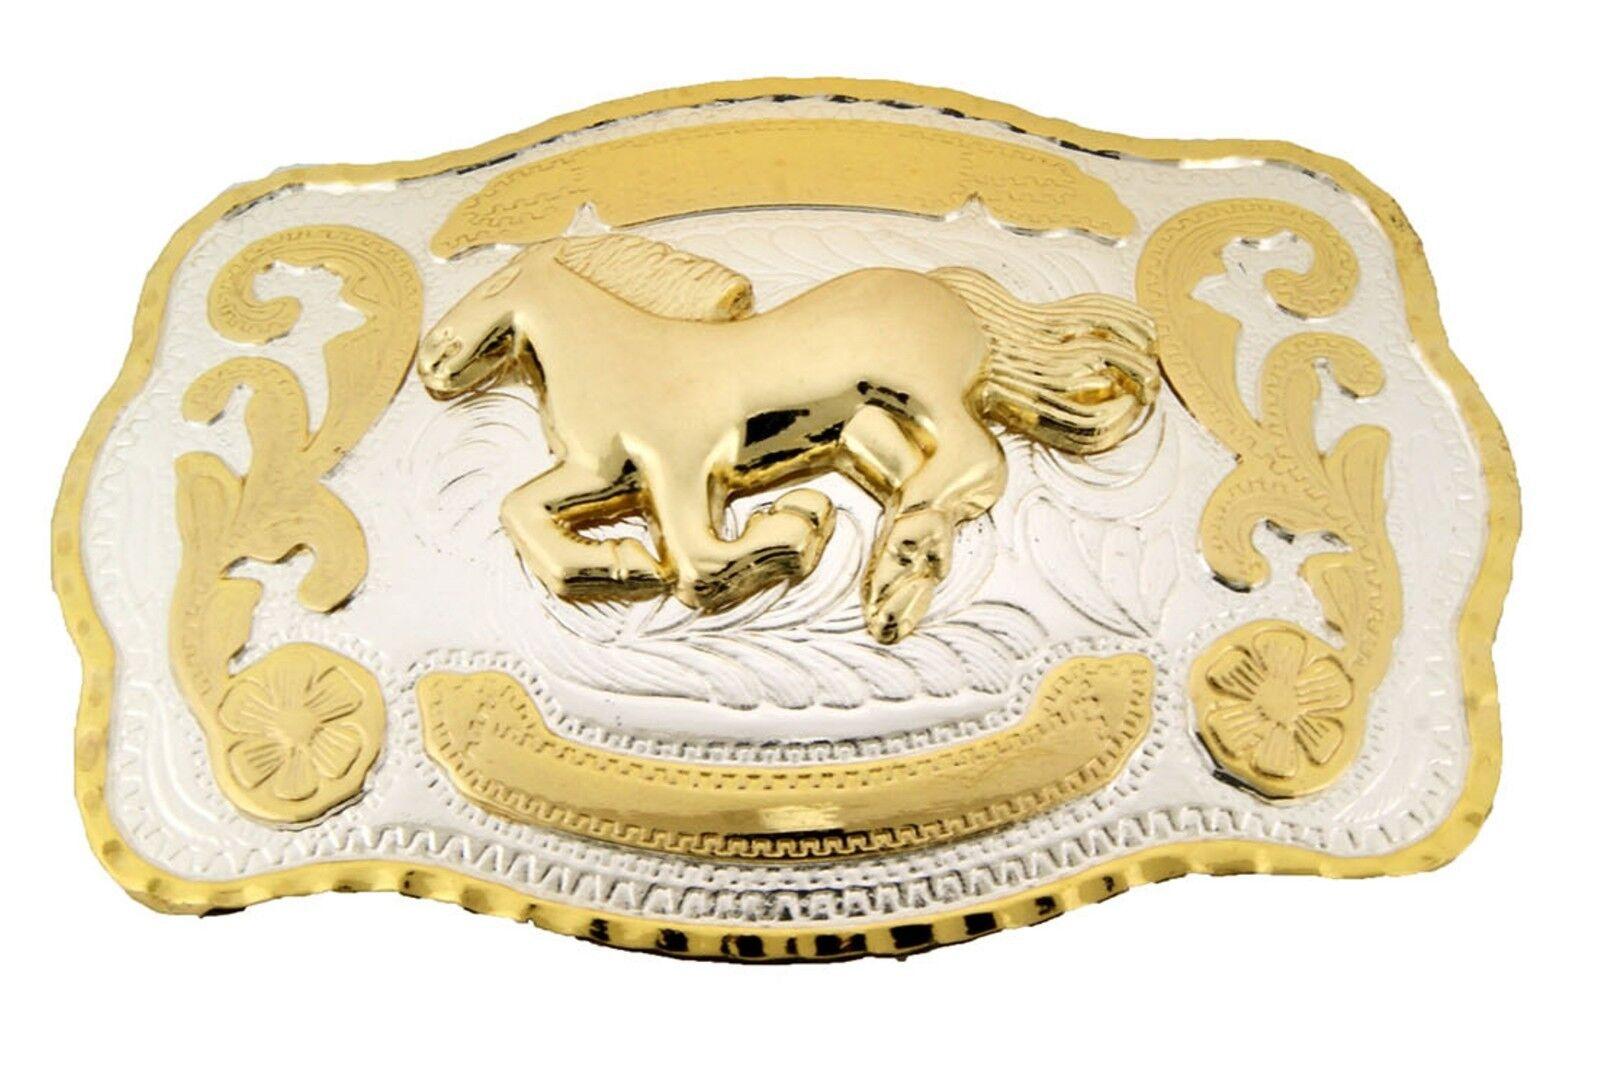 Pferd Gürtelschnalle Cowboy Groß Western Gold Silber Men Damen Rodeo Zweifarbig